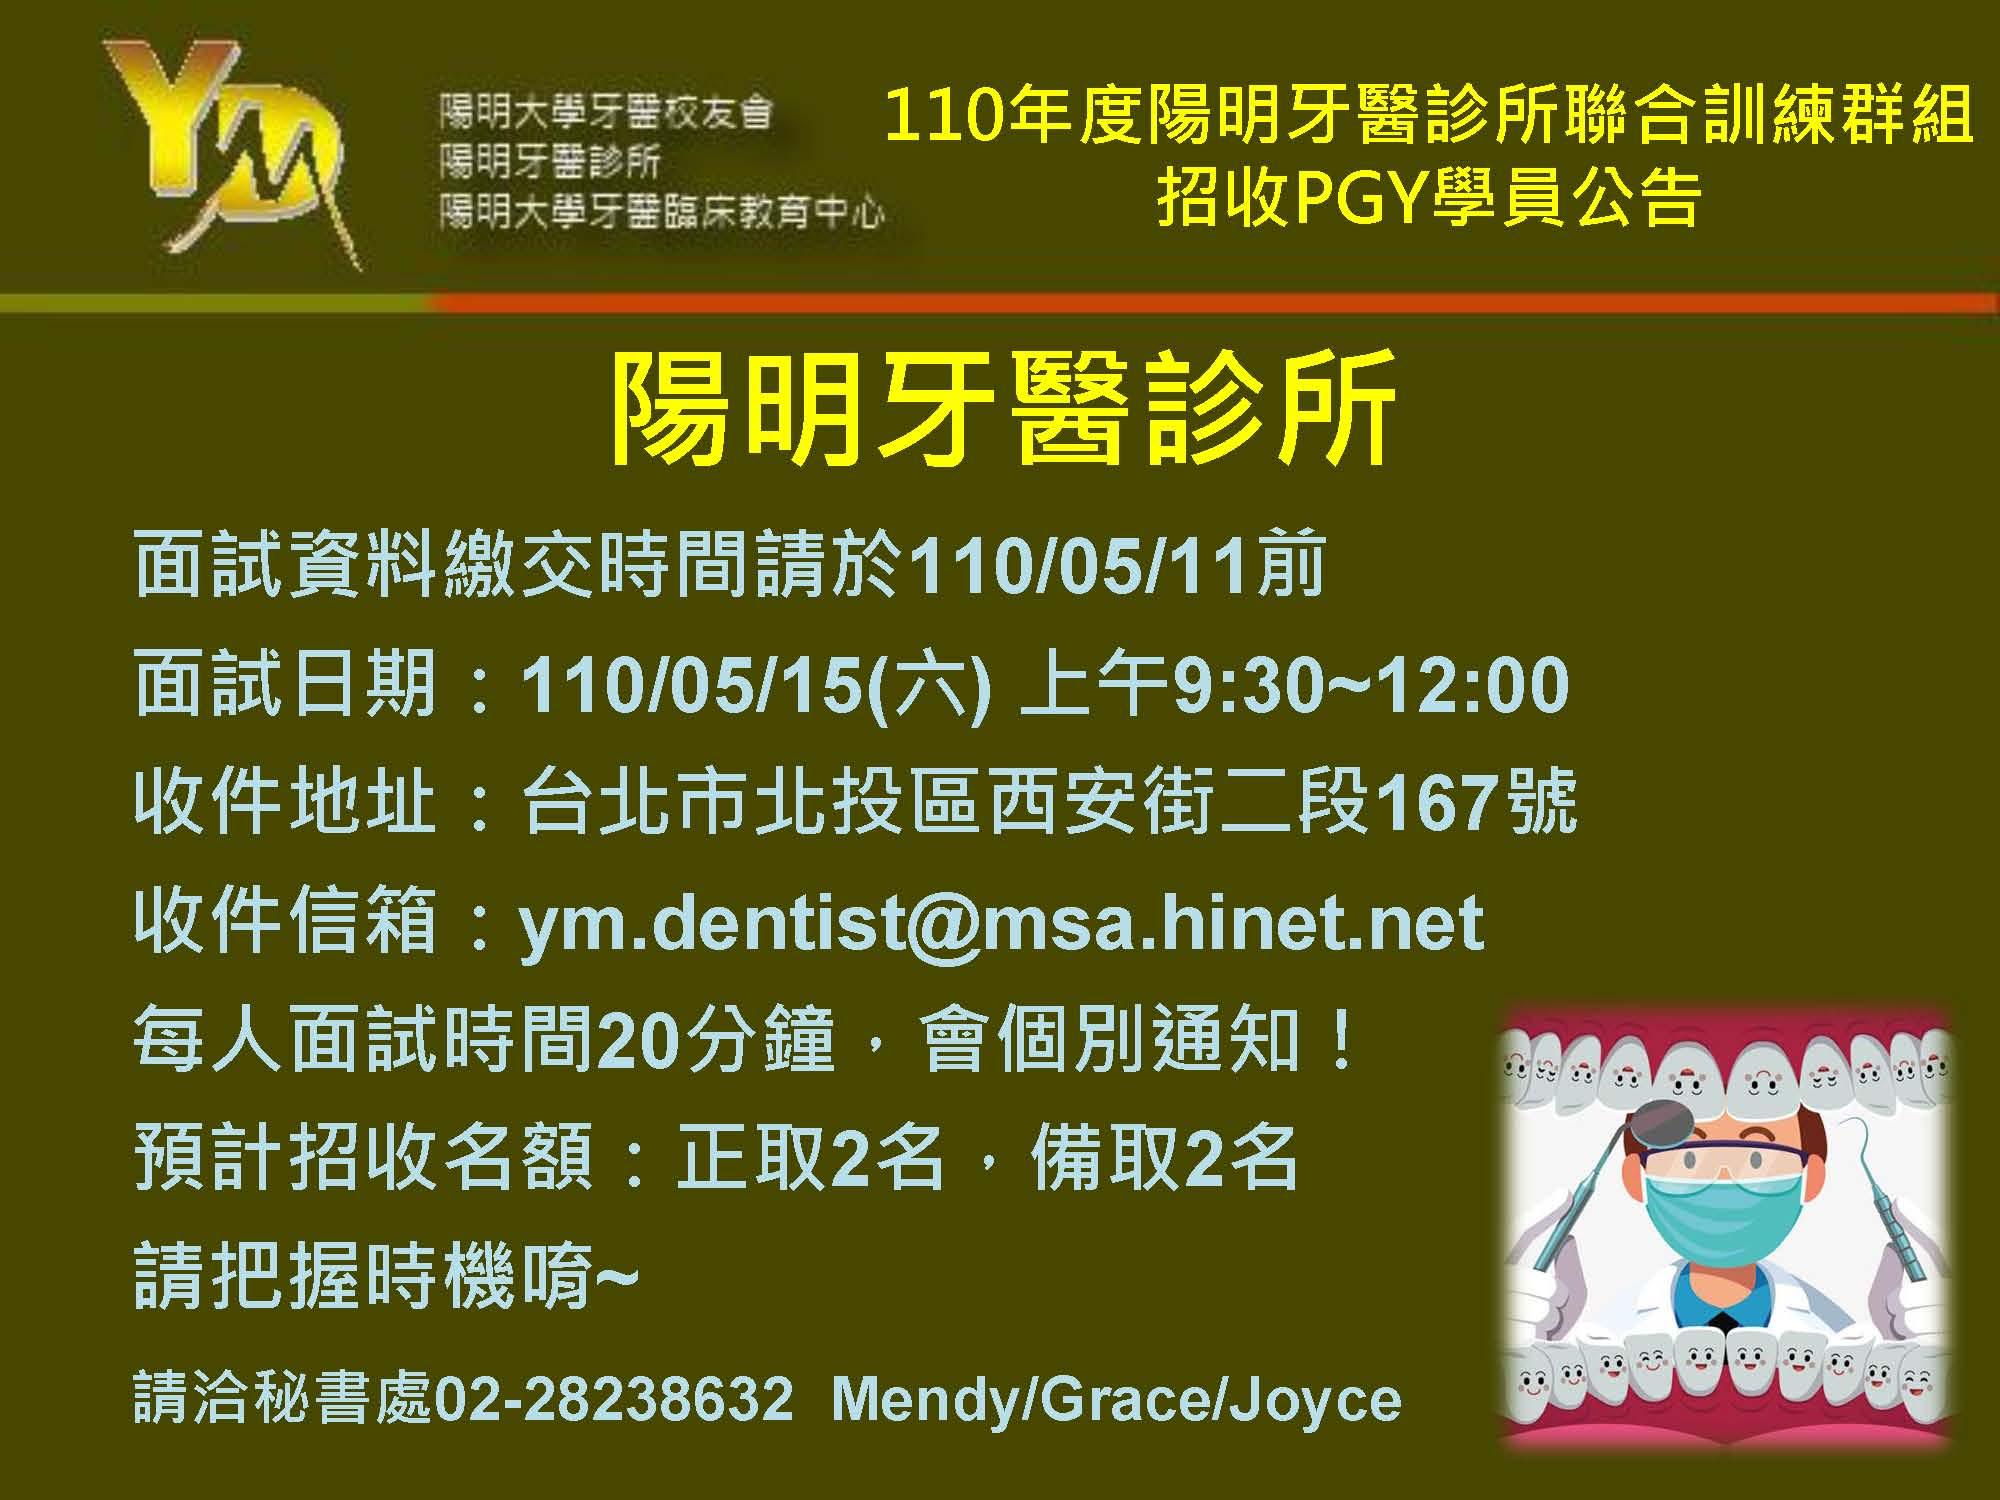 110年度陽明牙醫診所聯合訓練群組招收PGY學員公告